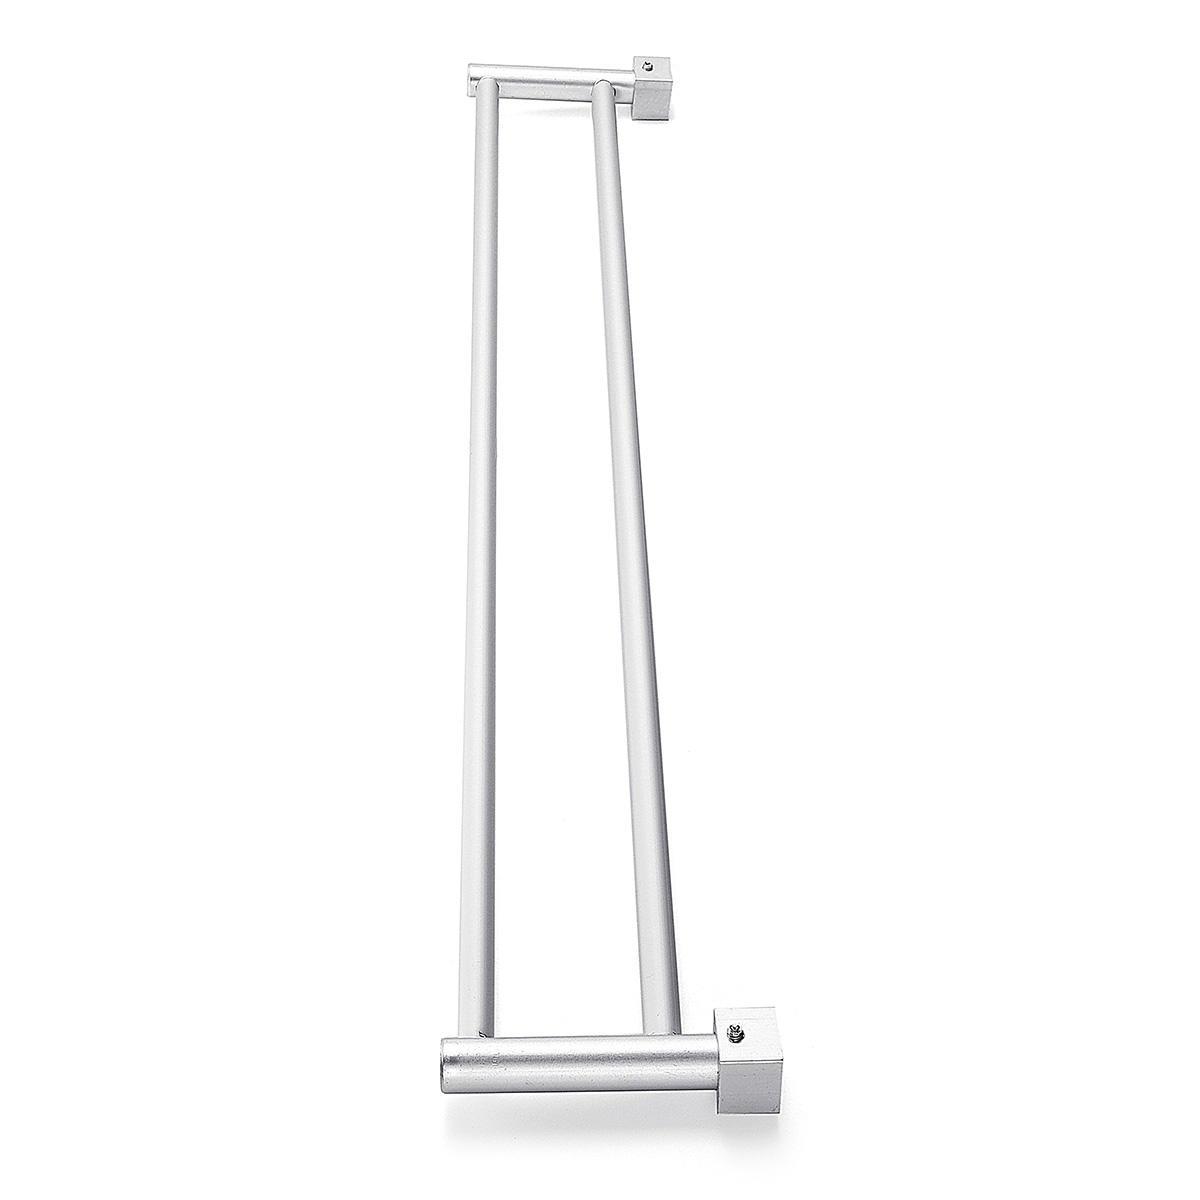 Bathroom Double Towel Rail Rack 2 Bar Space Aluminum